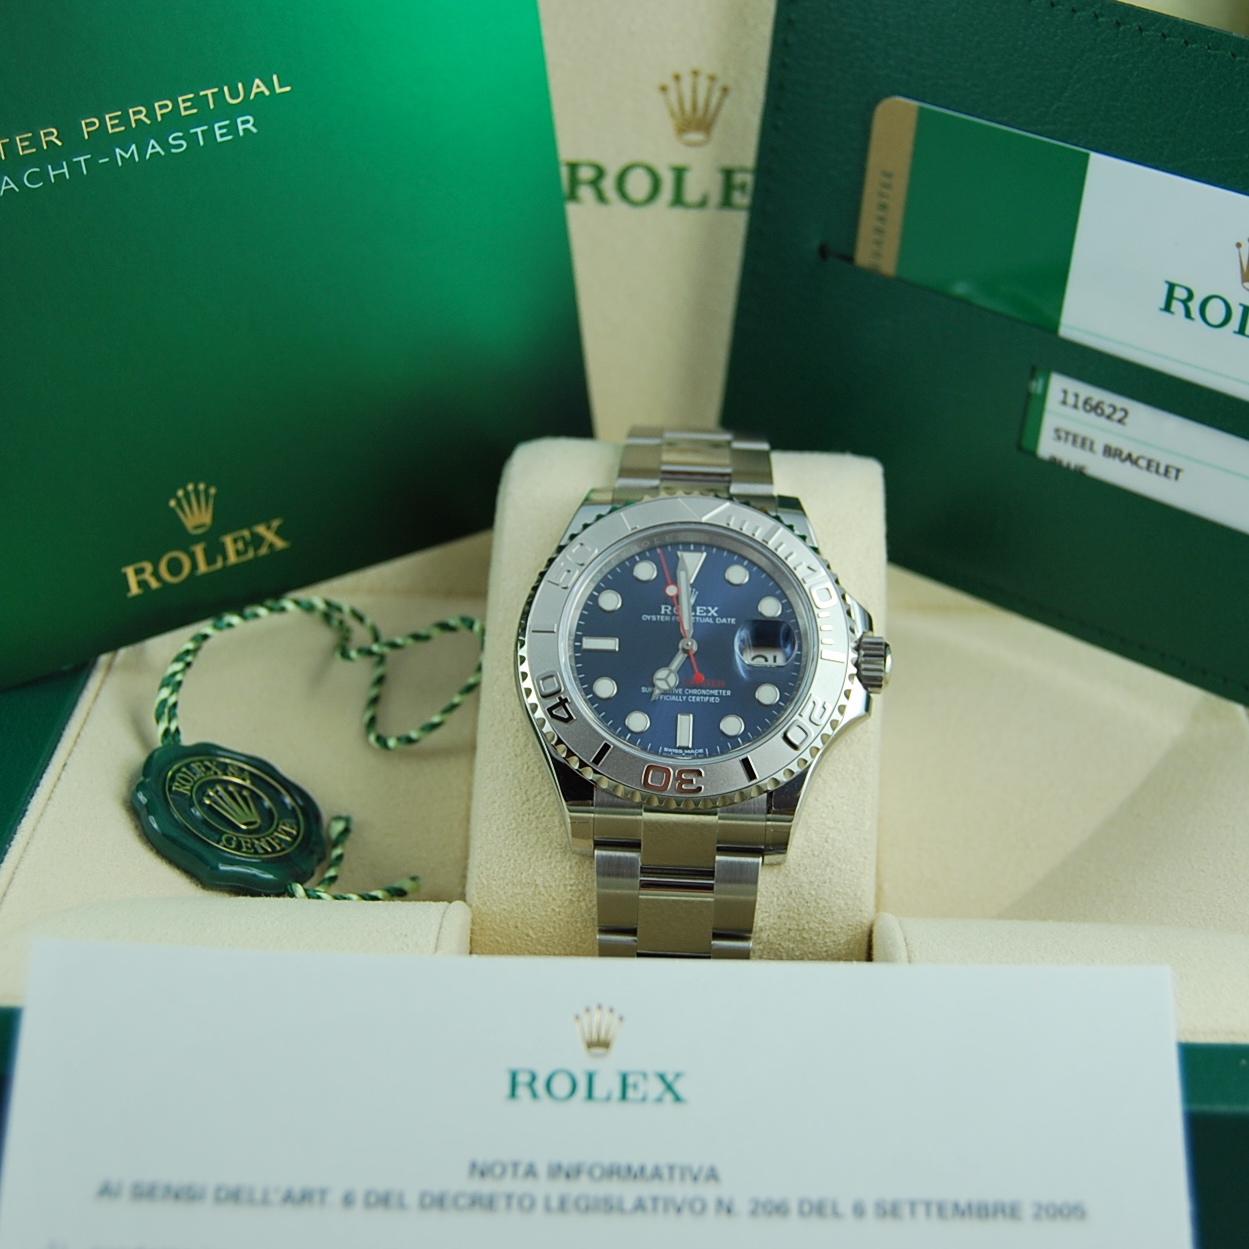 Rolex Yacht-Master 116622 BLU